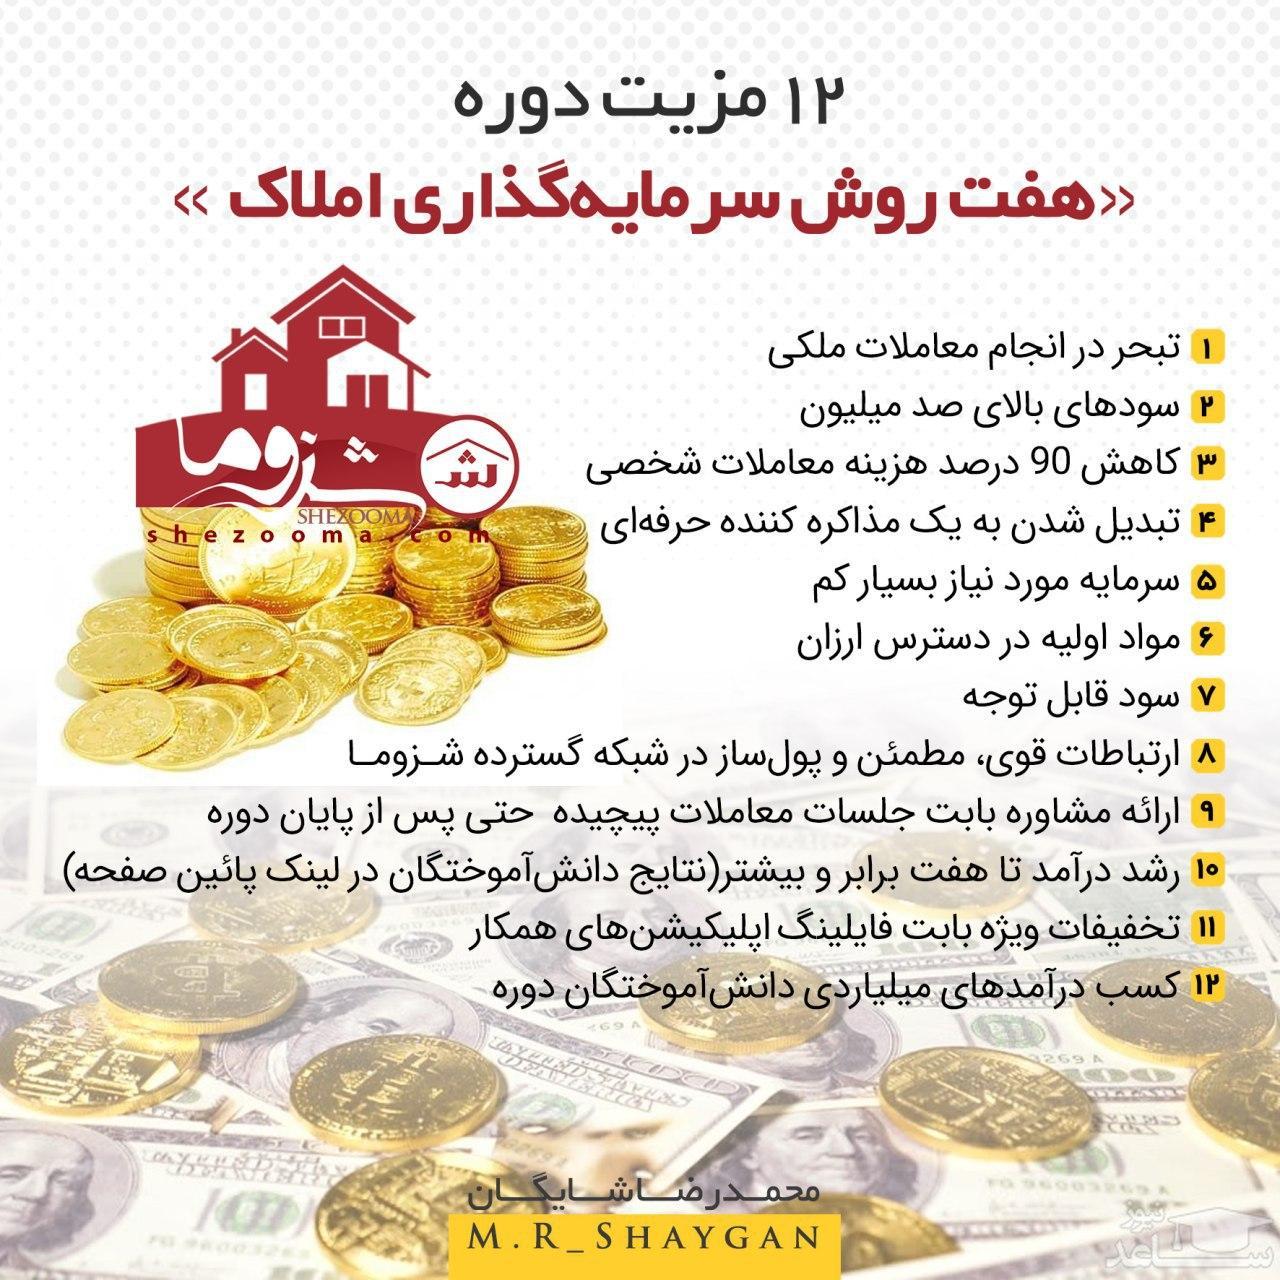 12 مزیت دوره «هفت روش سرمایهگذاری املاک»